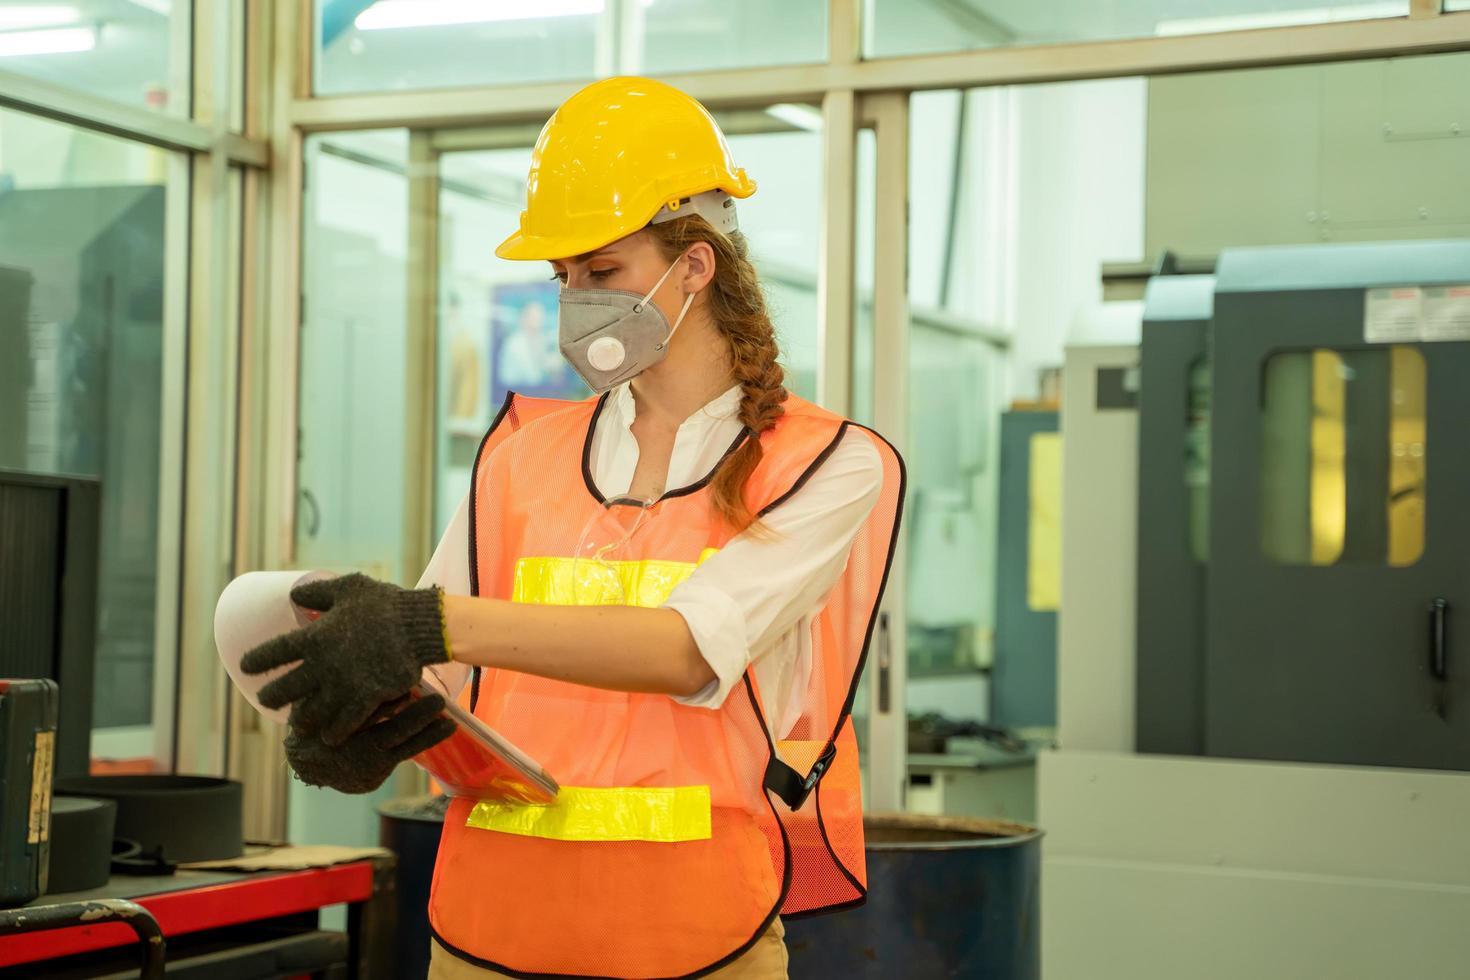 donna che indossa una maschera con appunti in fabbrica foto